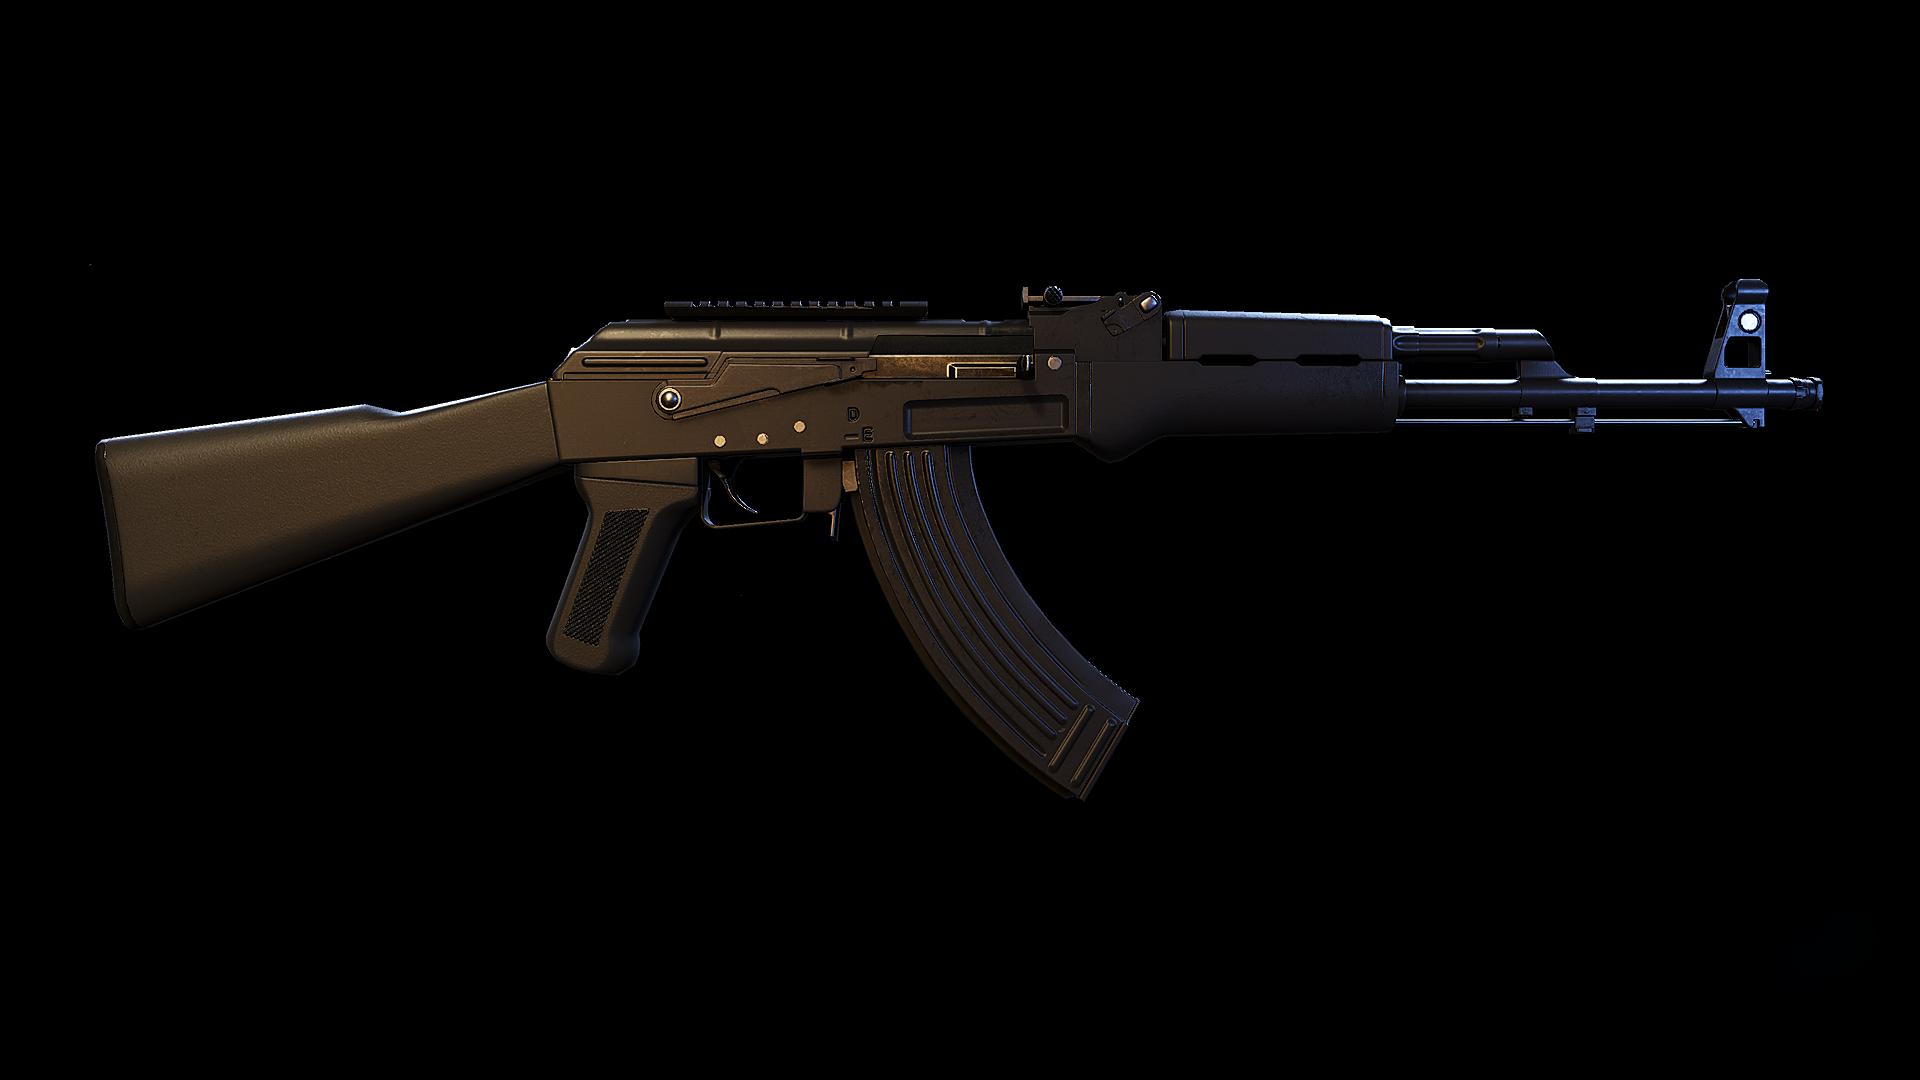 AK-47/Ghost Recon Wildlands